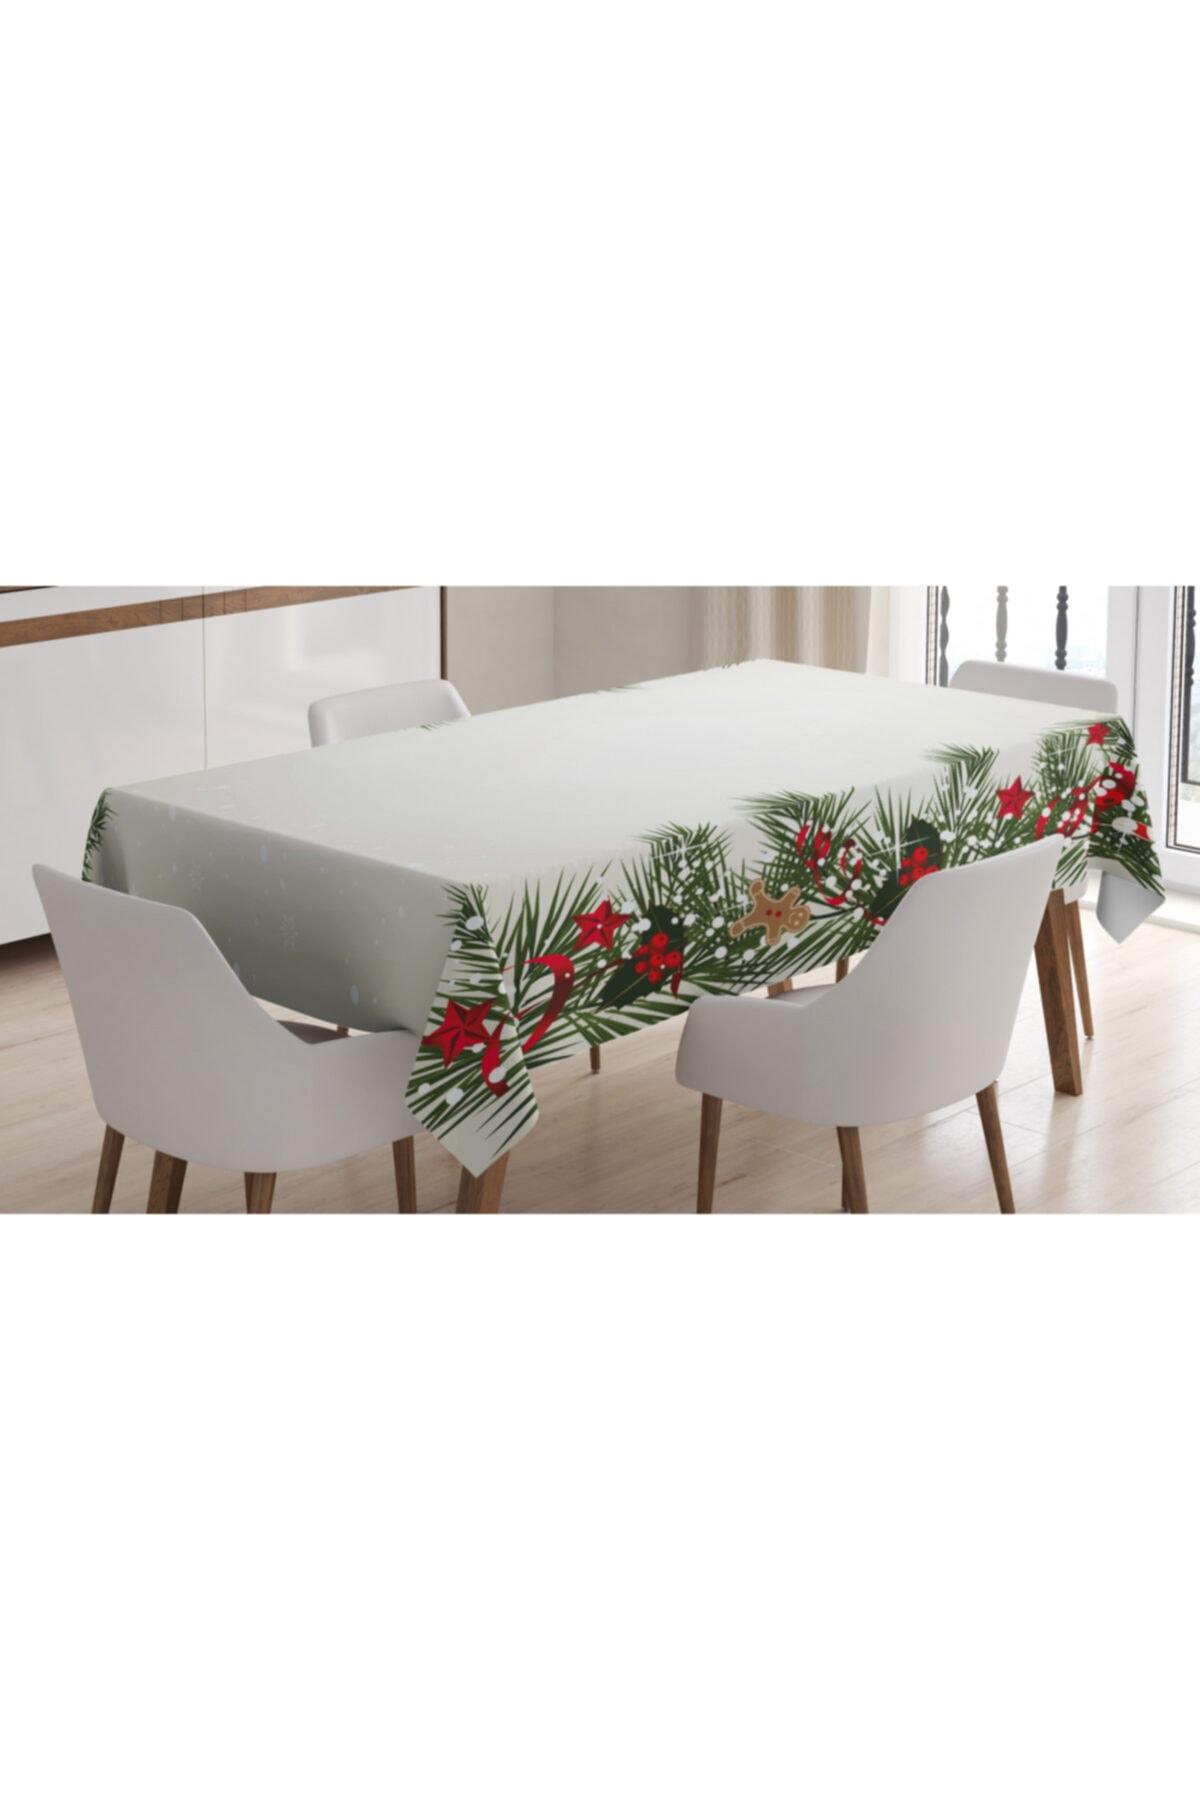 Orange Venue Noel Masa Örtüsü Ombre Yıldızlı Arka Planda Yılbaşı Süsleri Rengirenk 1